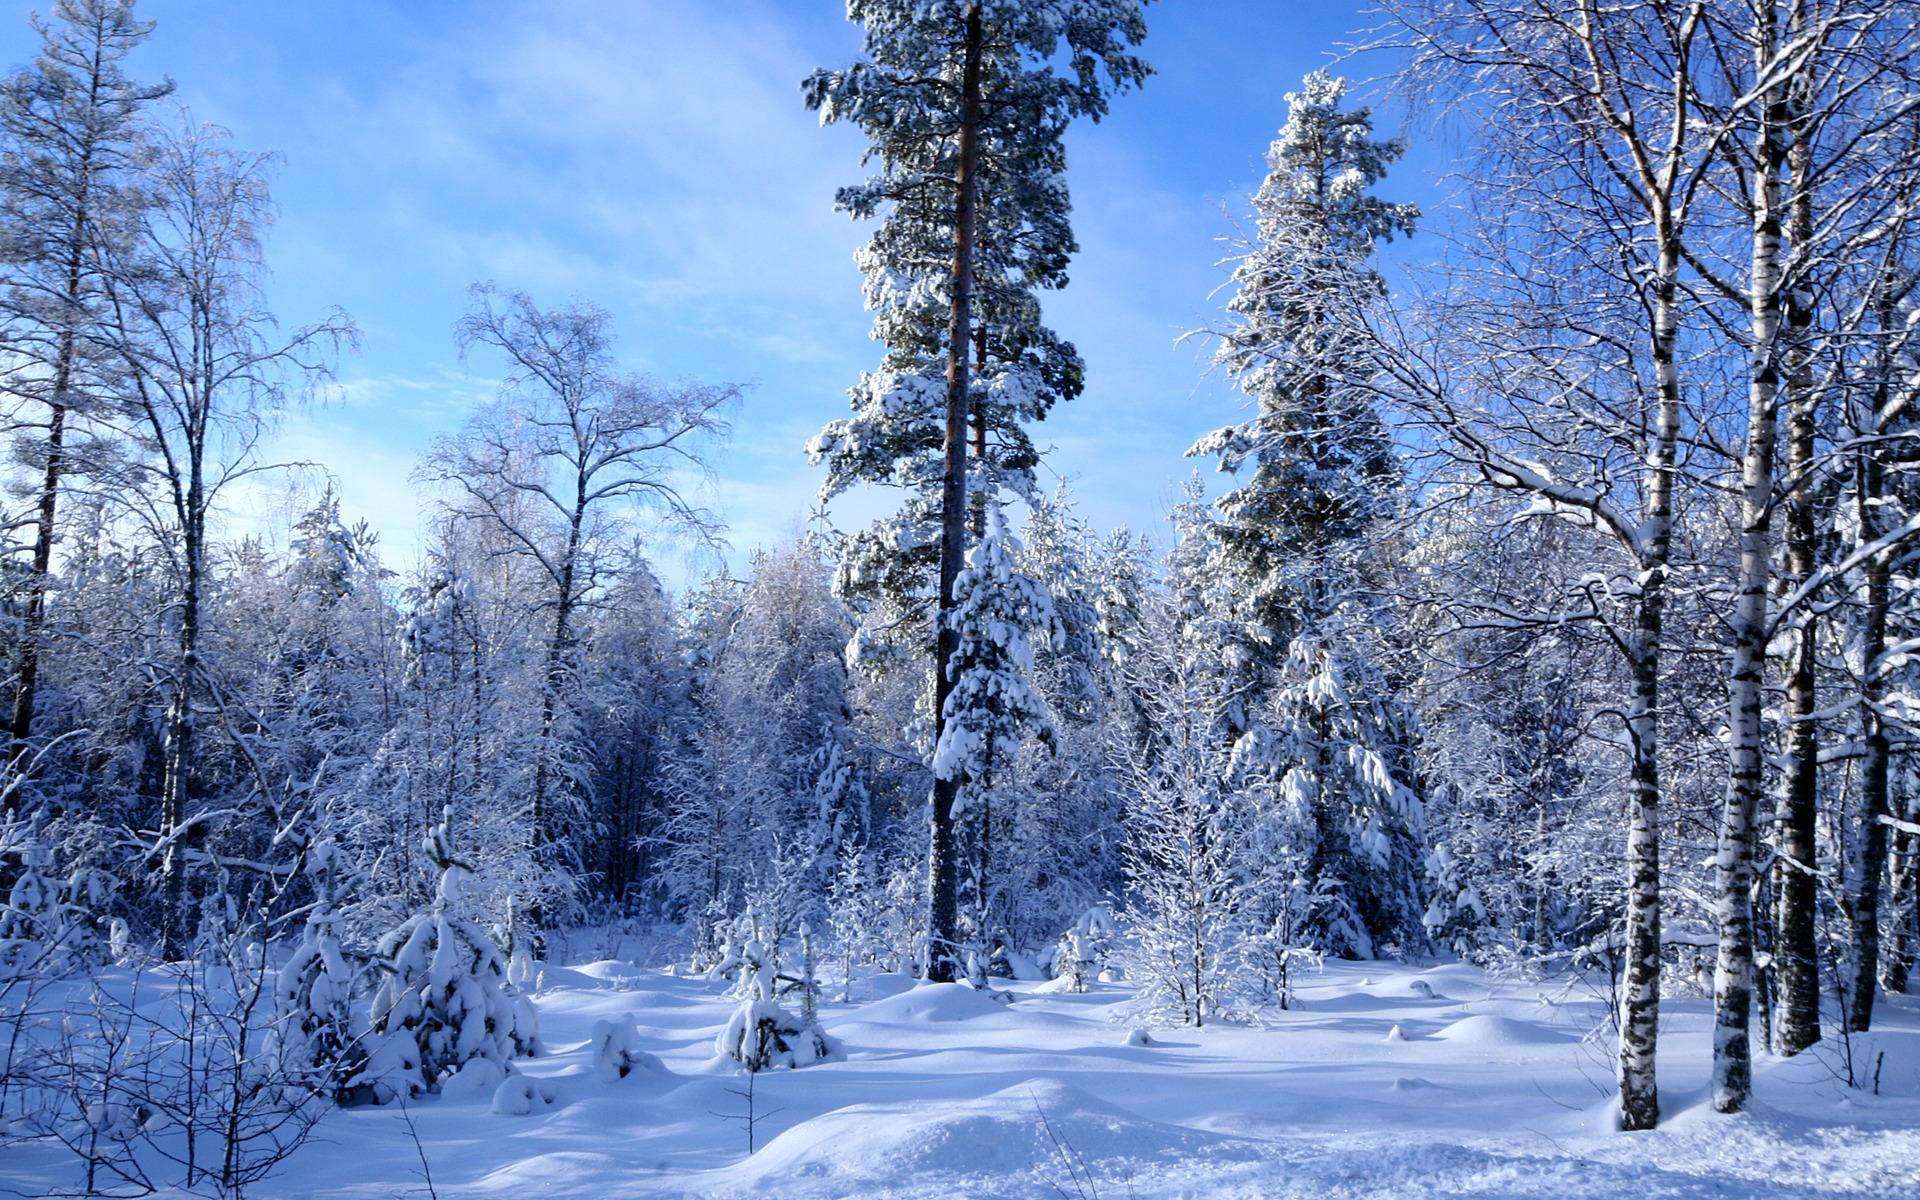 Картинки с высоким разрешением-зимний лес